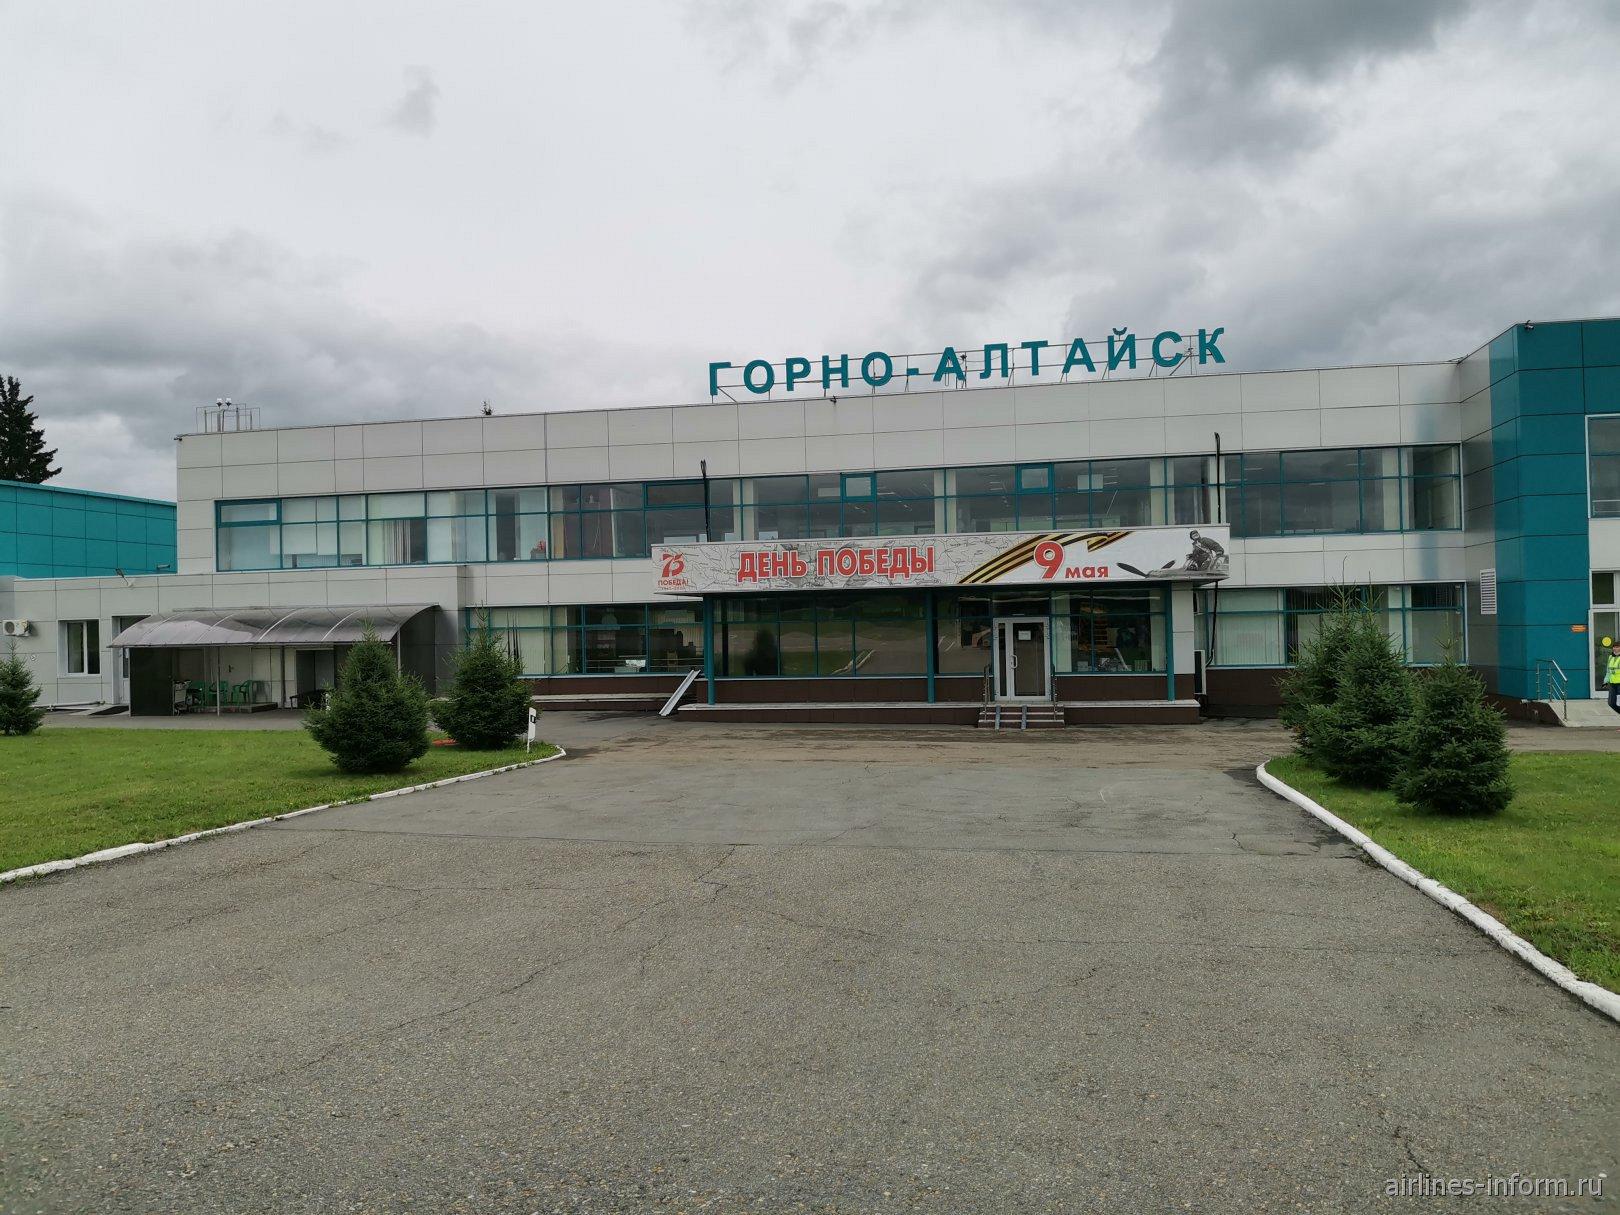 Вид с перрона на аэровокзал аэропорта Горно-Алтайск